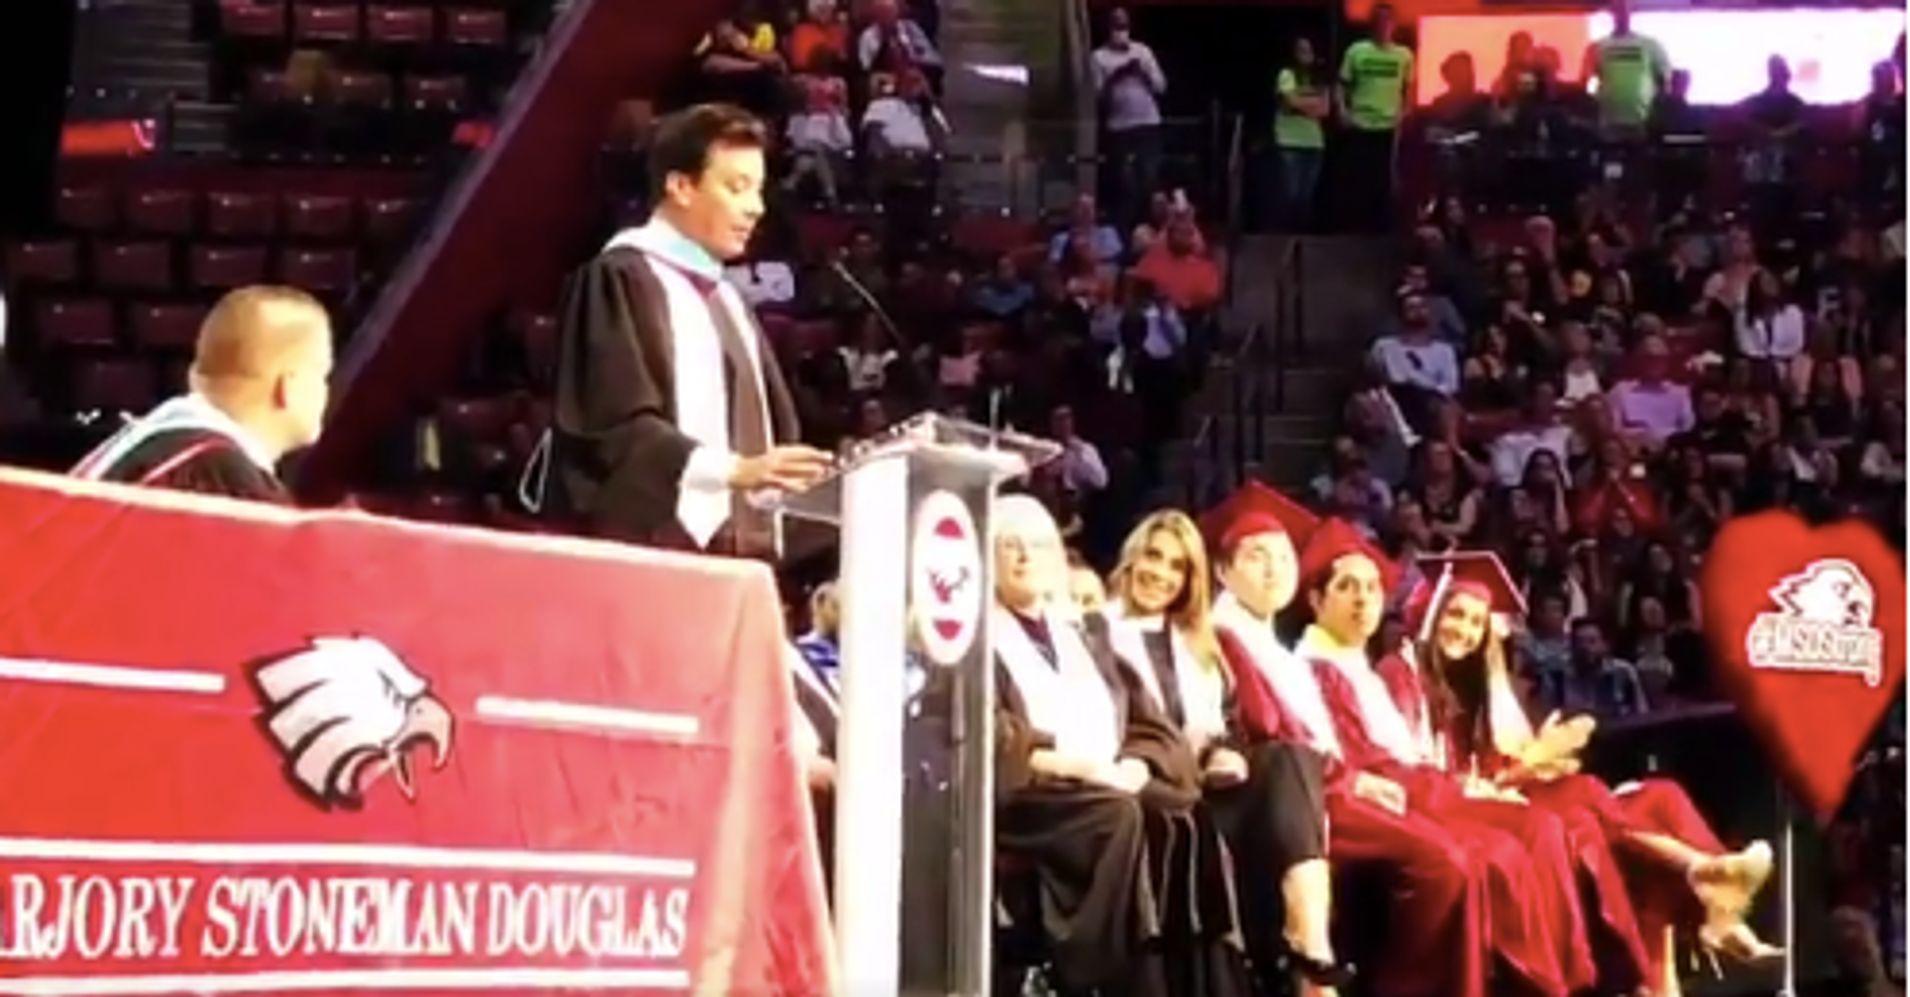 Jimmy Fallon Surprises Parkland Seniors At Graduation Ceremony